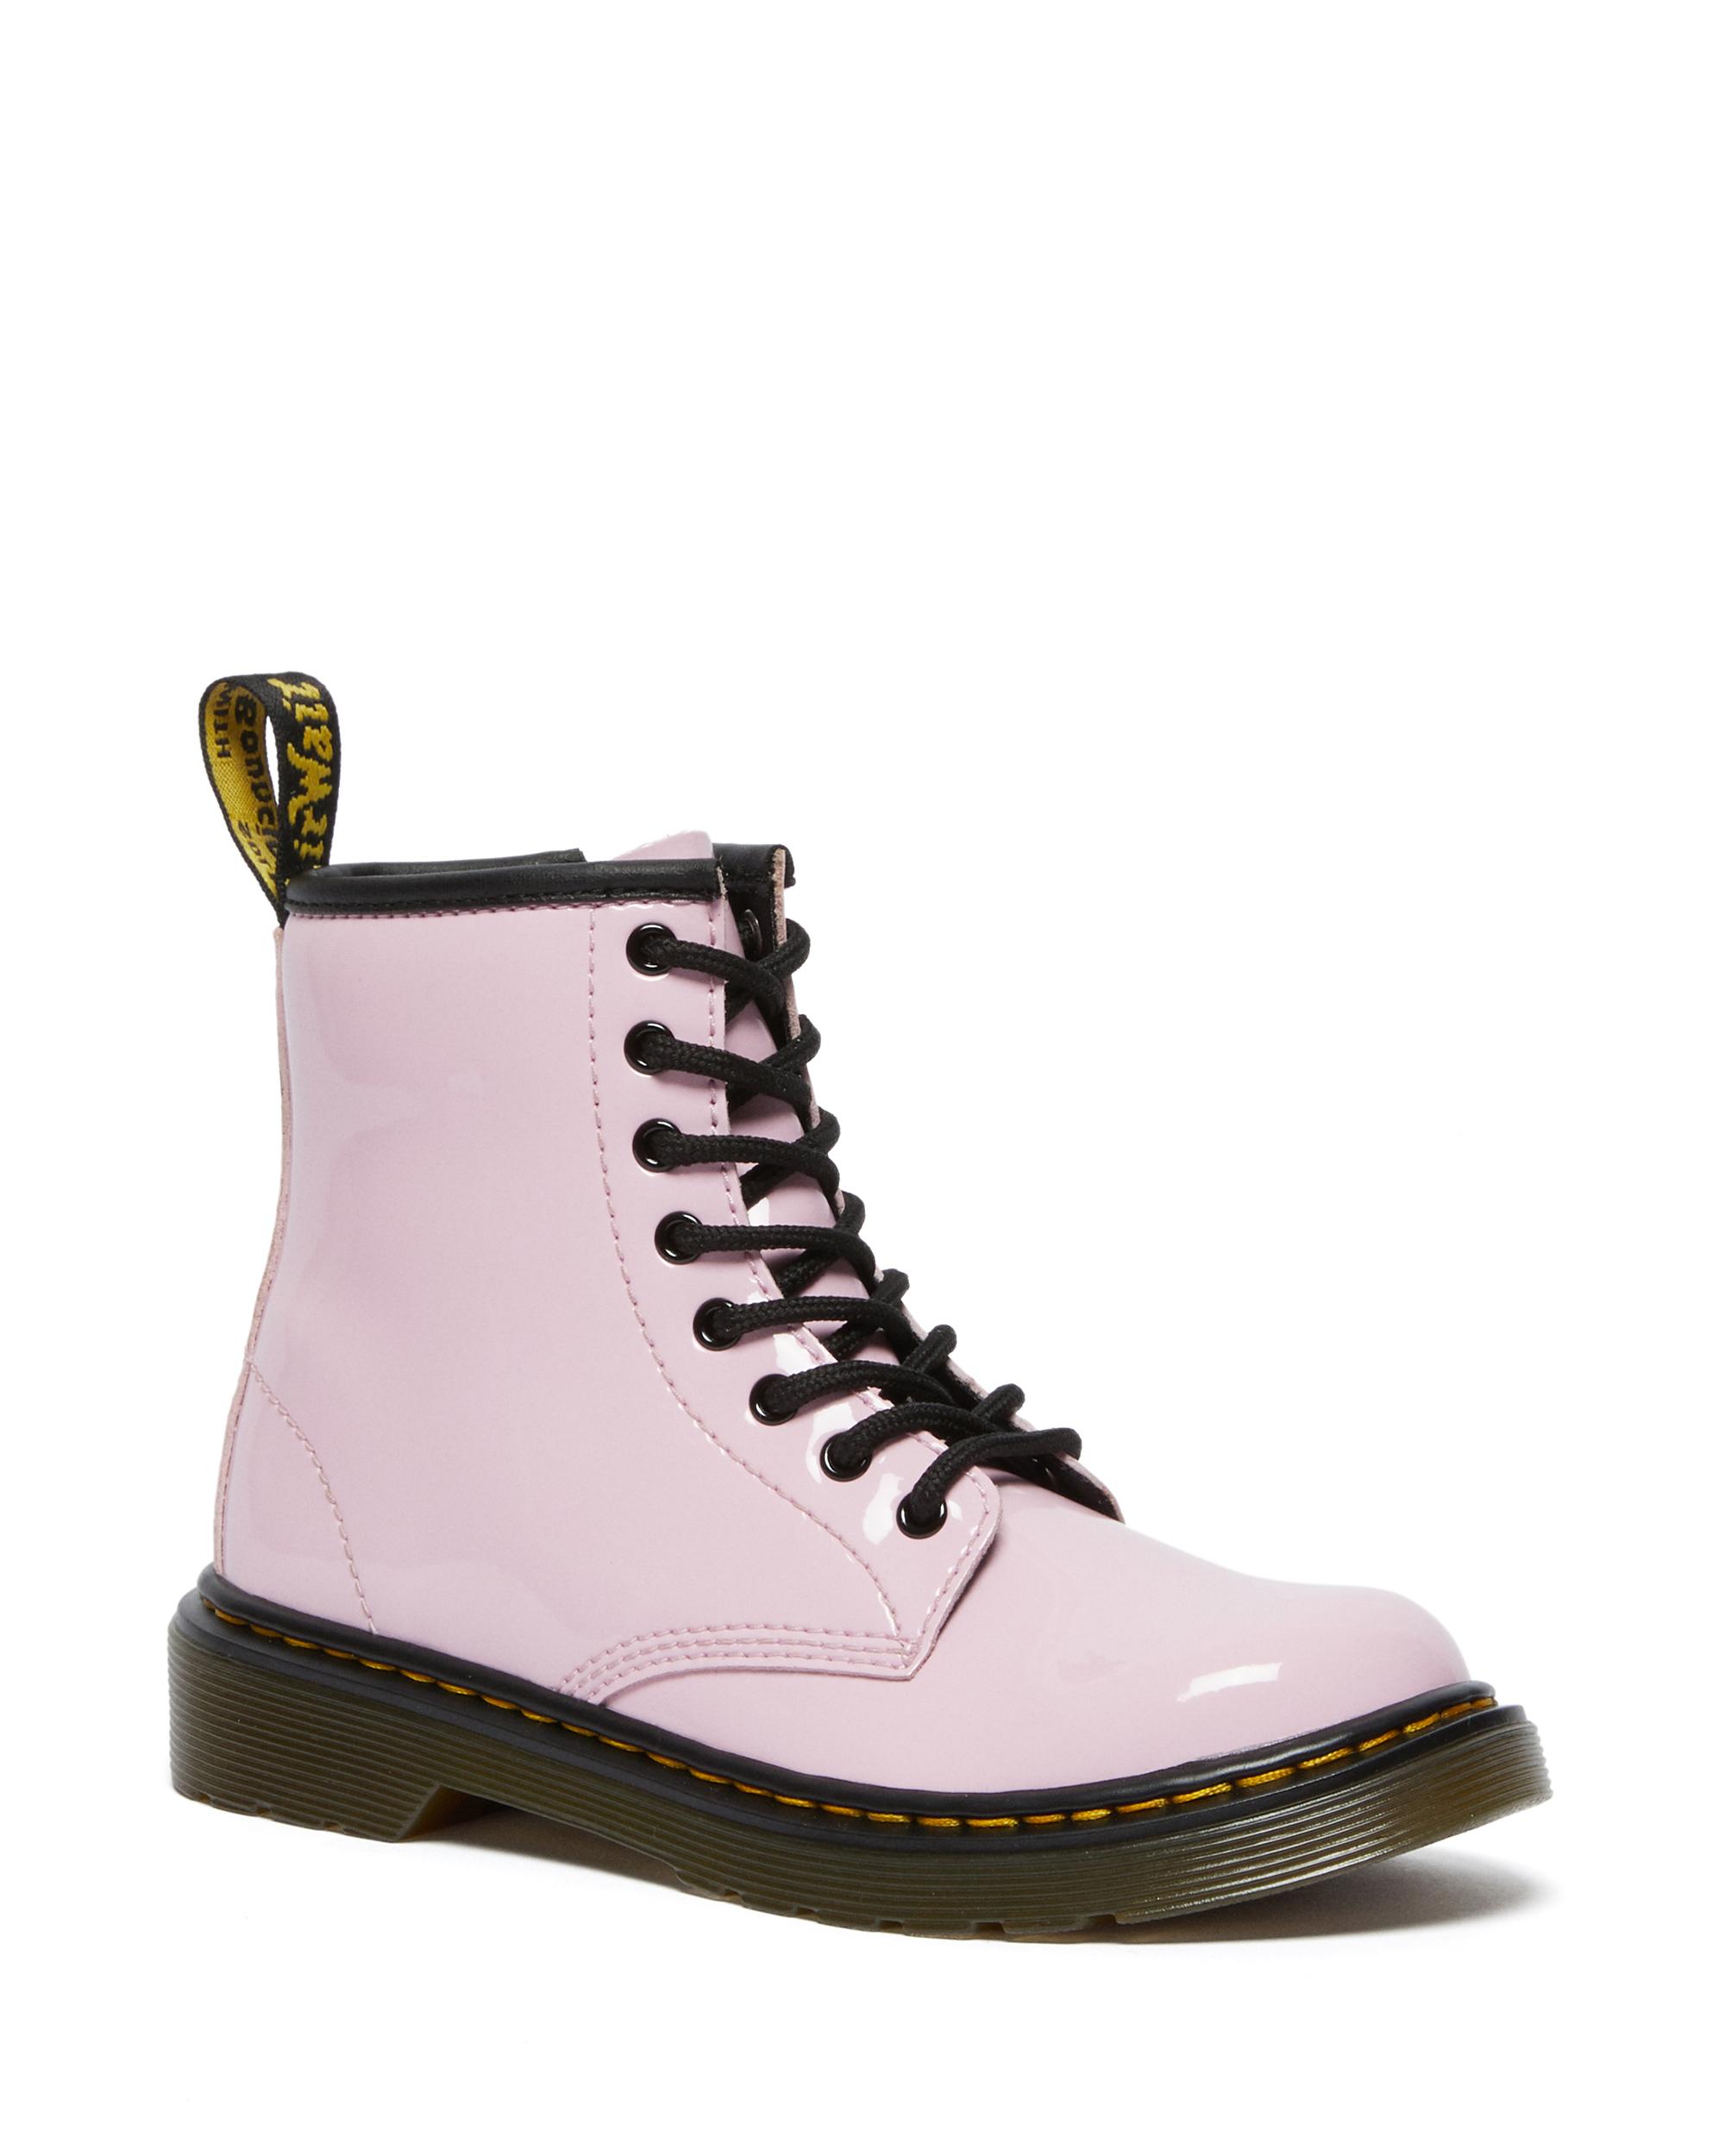 Dr. Martens Junior Patent Leather Ankle støvler